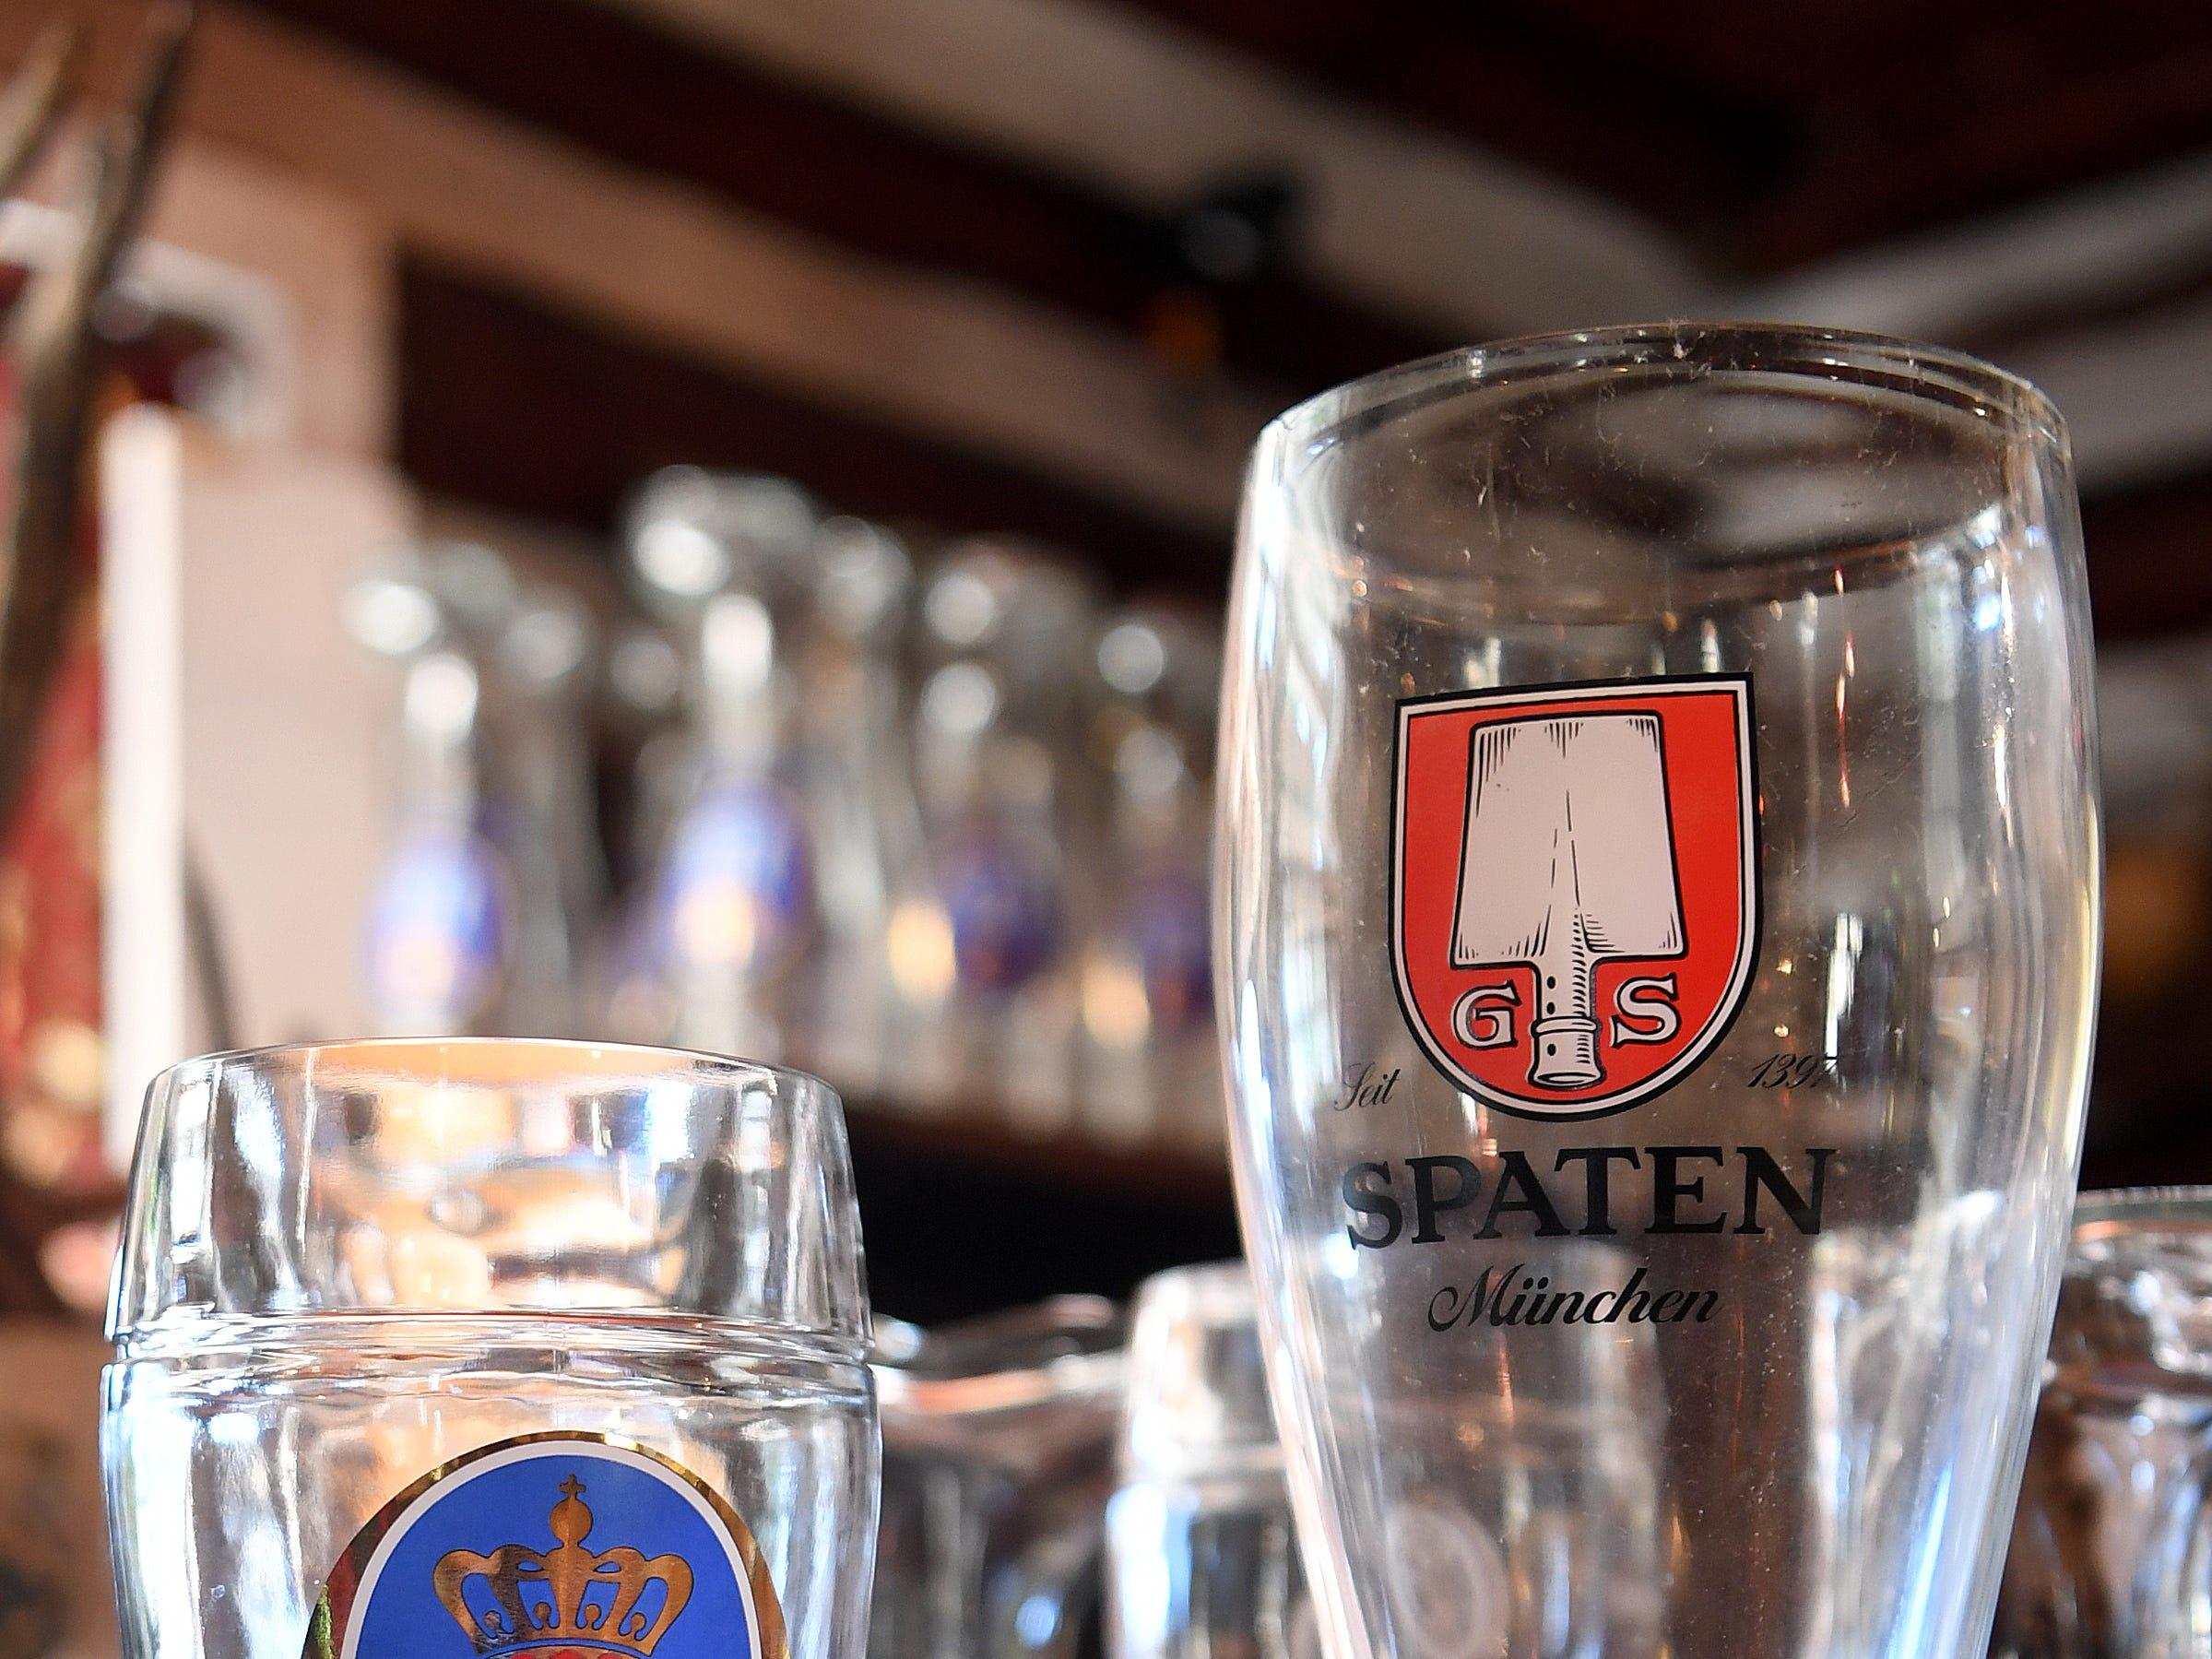 Boot glasses for beer sit on the bar at the Bavarian Restaurant & Biergarten.